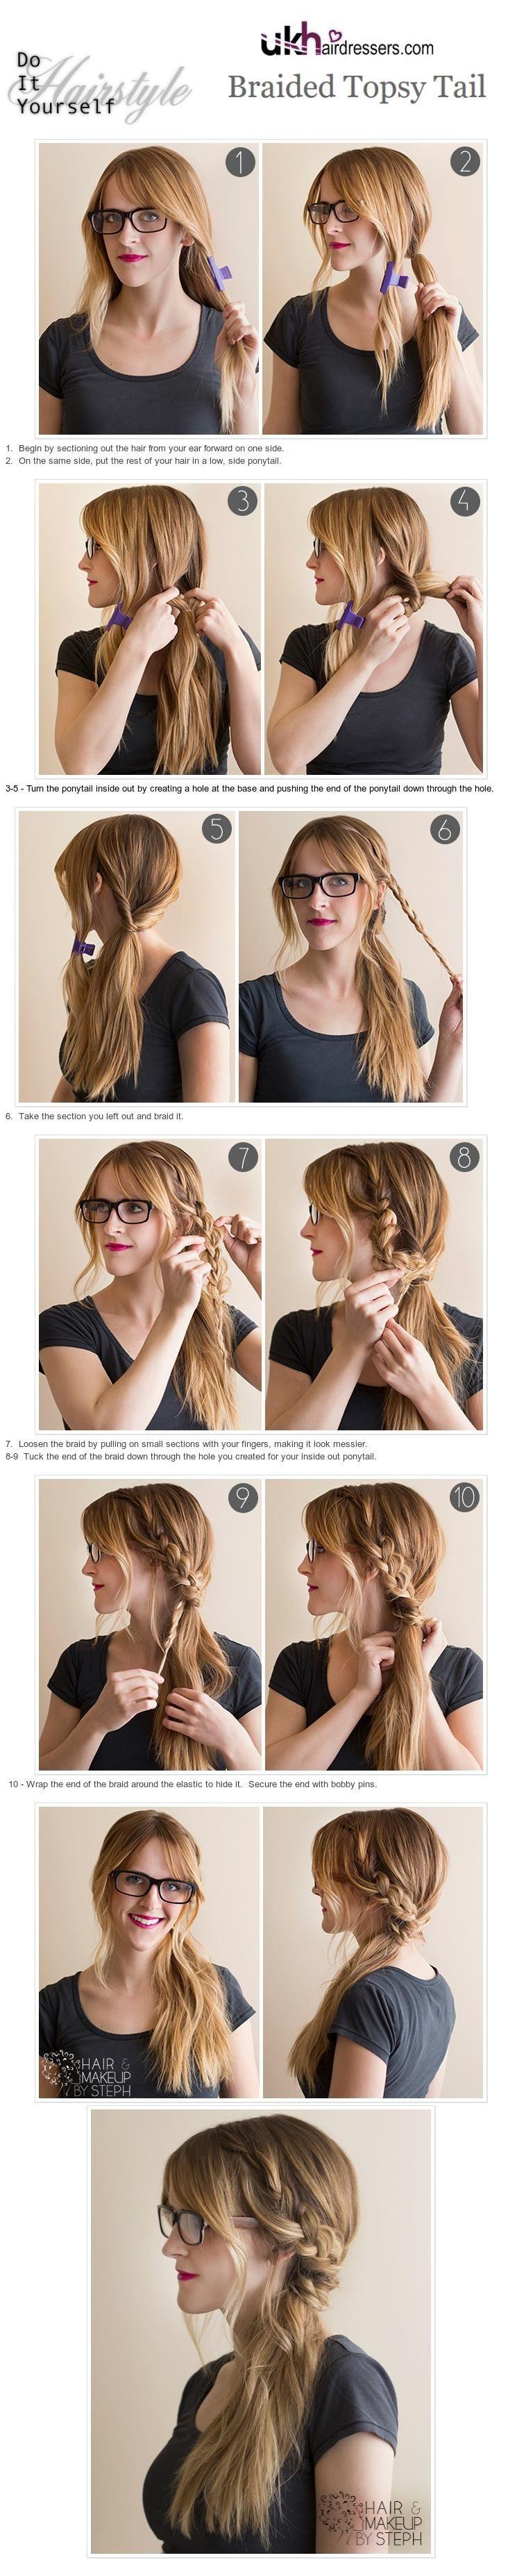 409 best Hair images on Pinterest